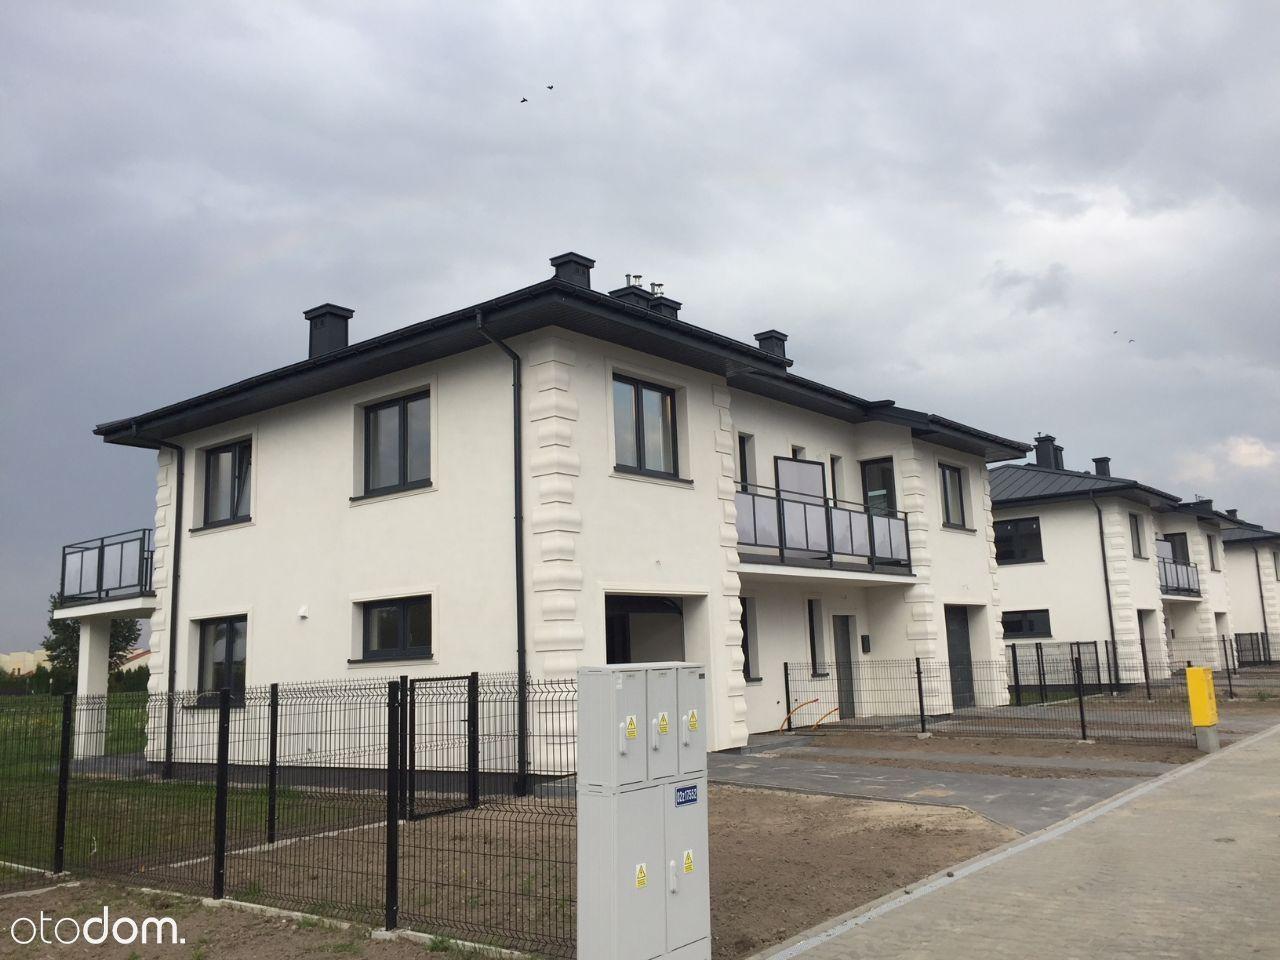 Dom na sprzedaż, Falenty Nowe, pruszkowski, mazowieckie - Foto 1015